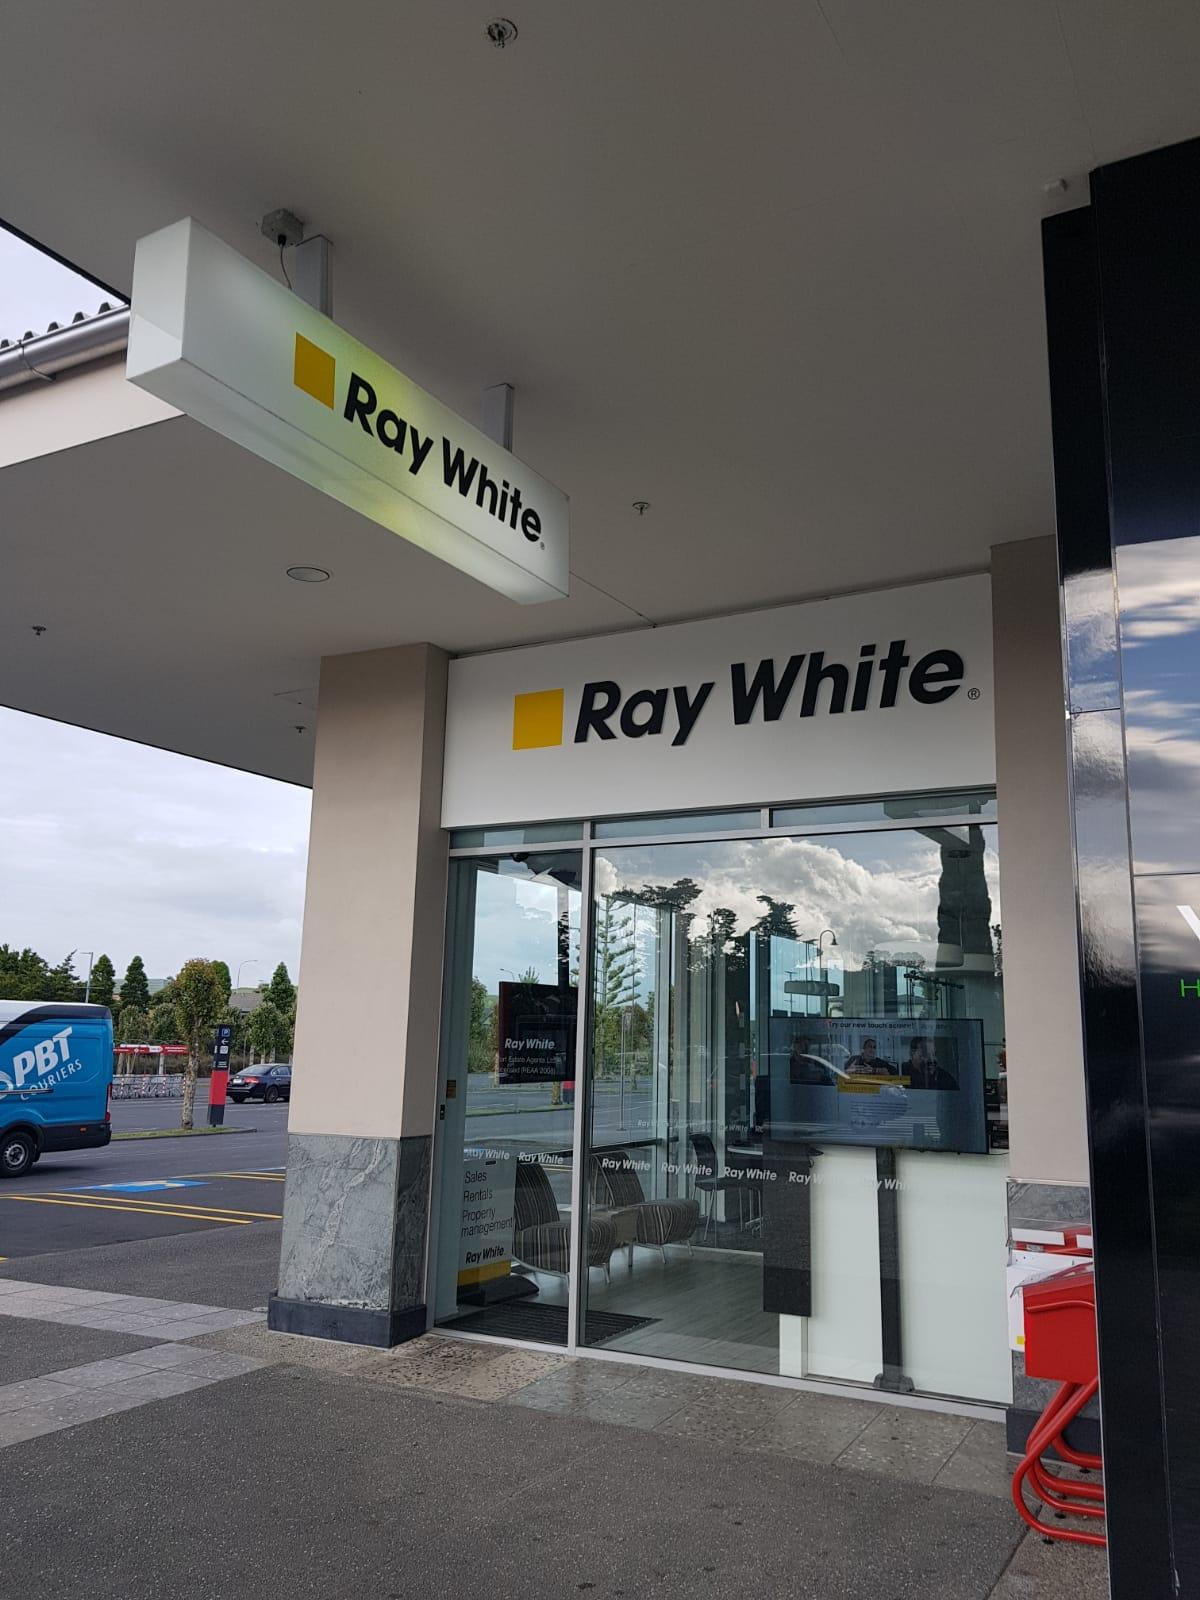 Ray White Signage